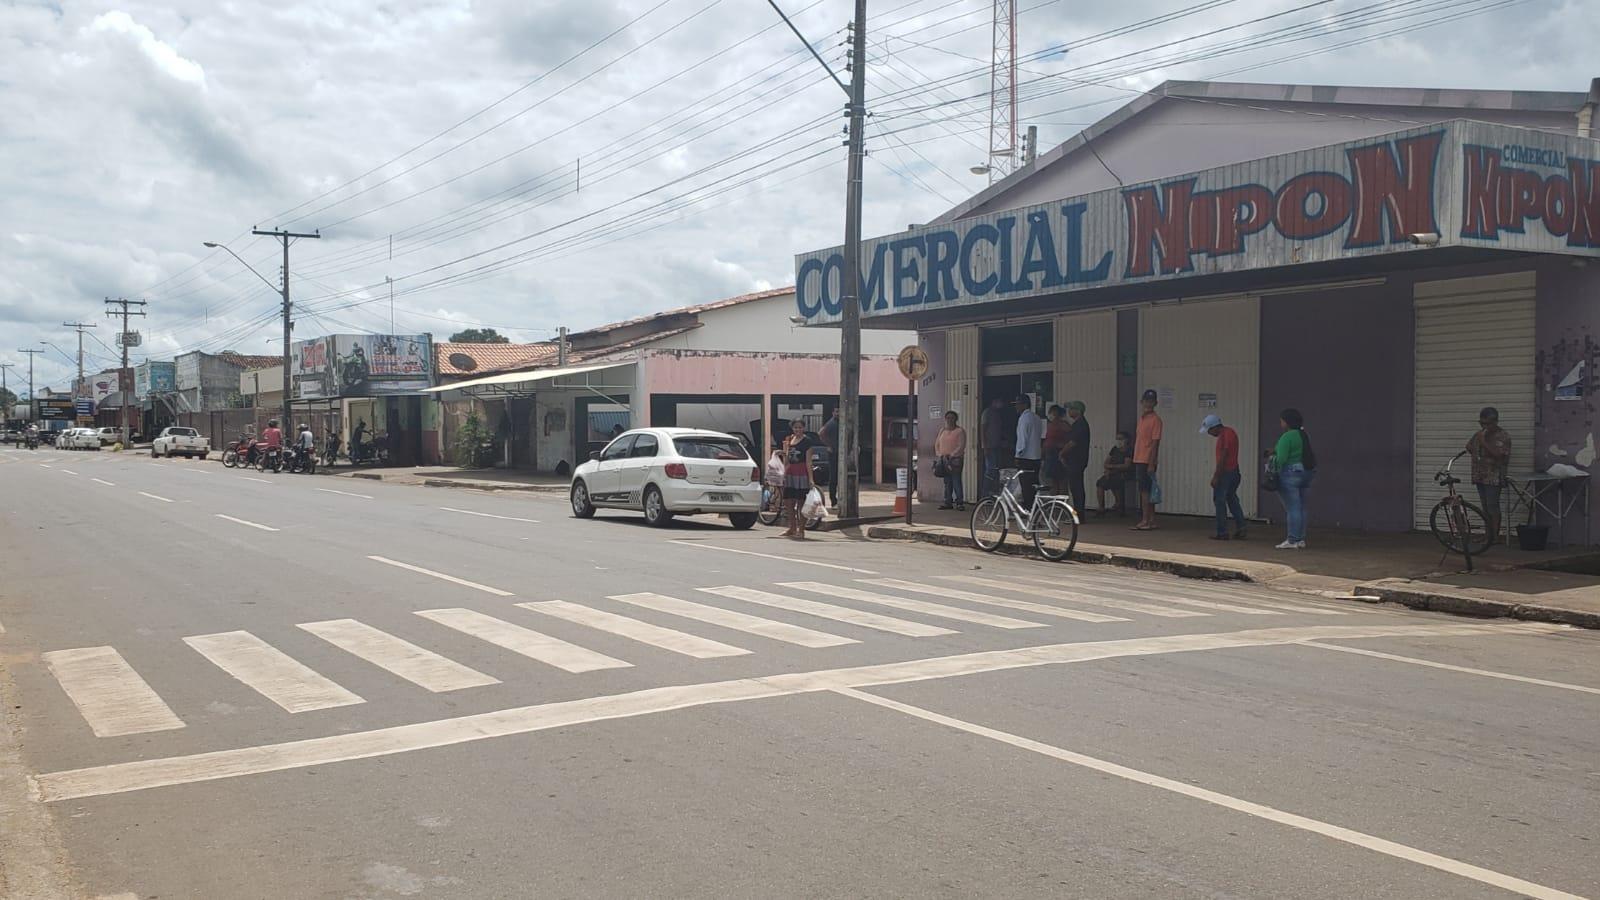 Bandidos armados surpreendem dono de supermercado e levam malote bancário em Guaraí